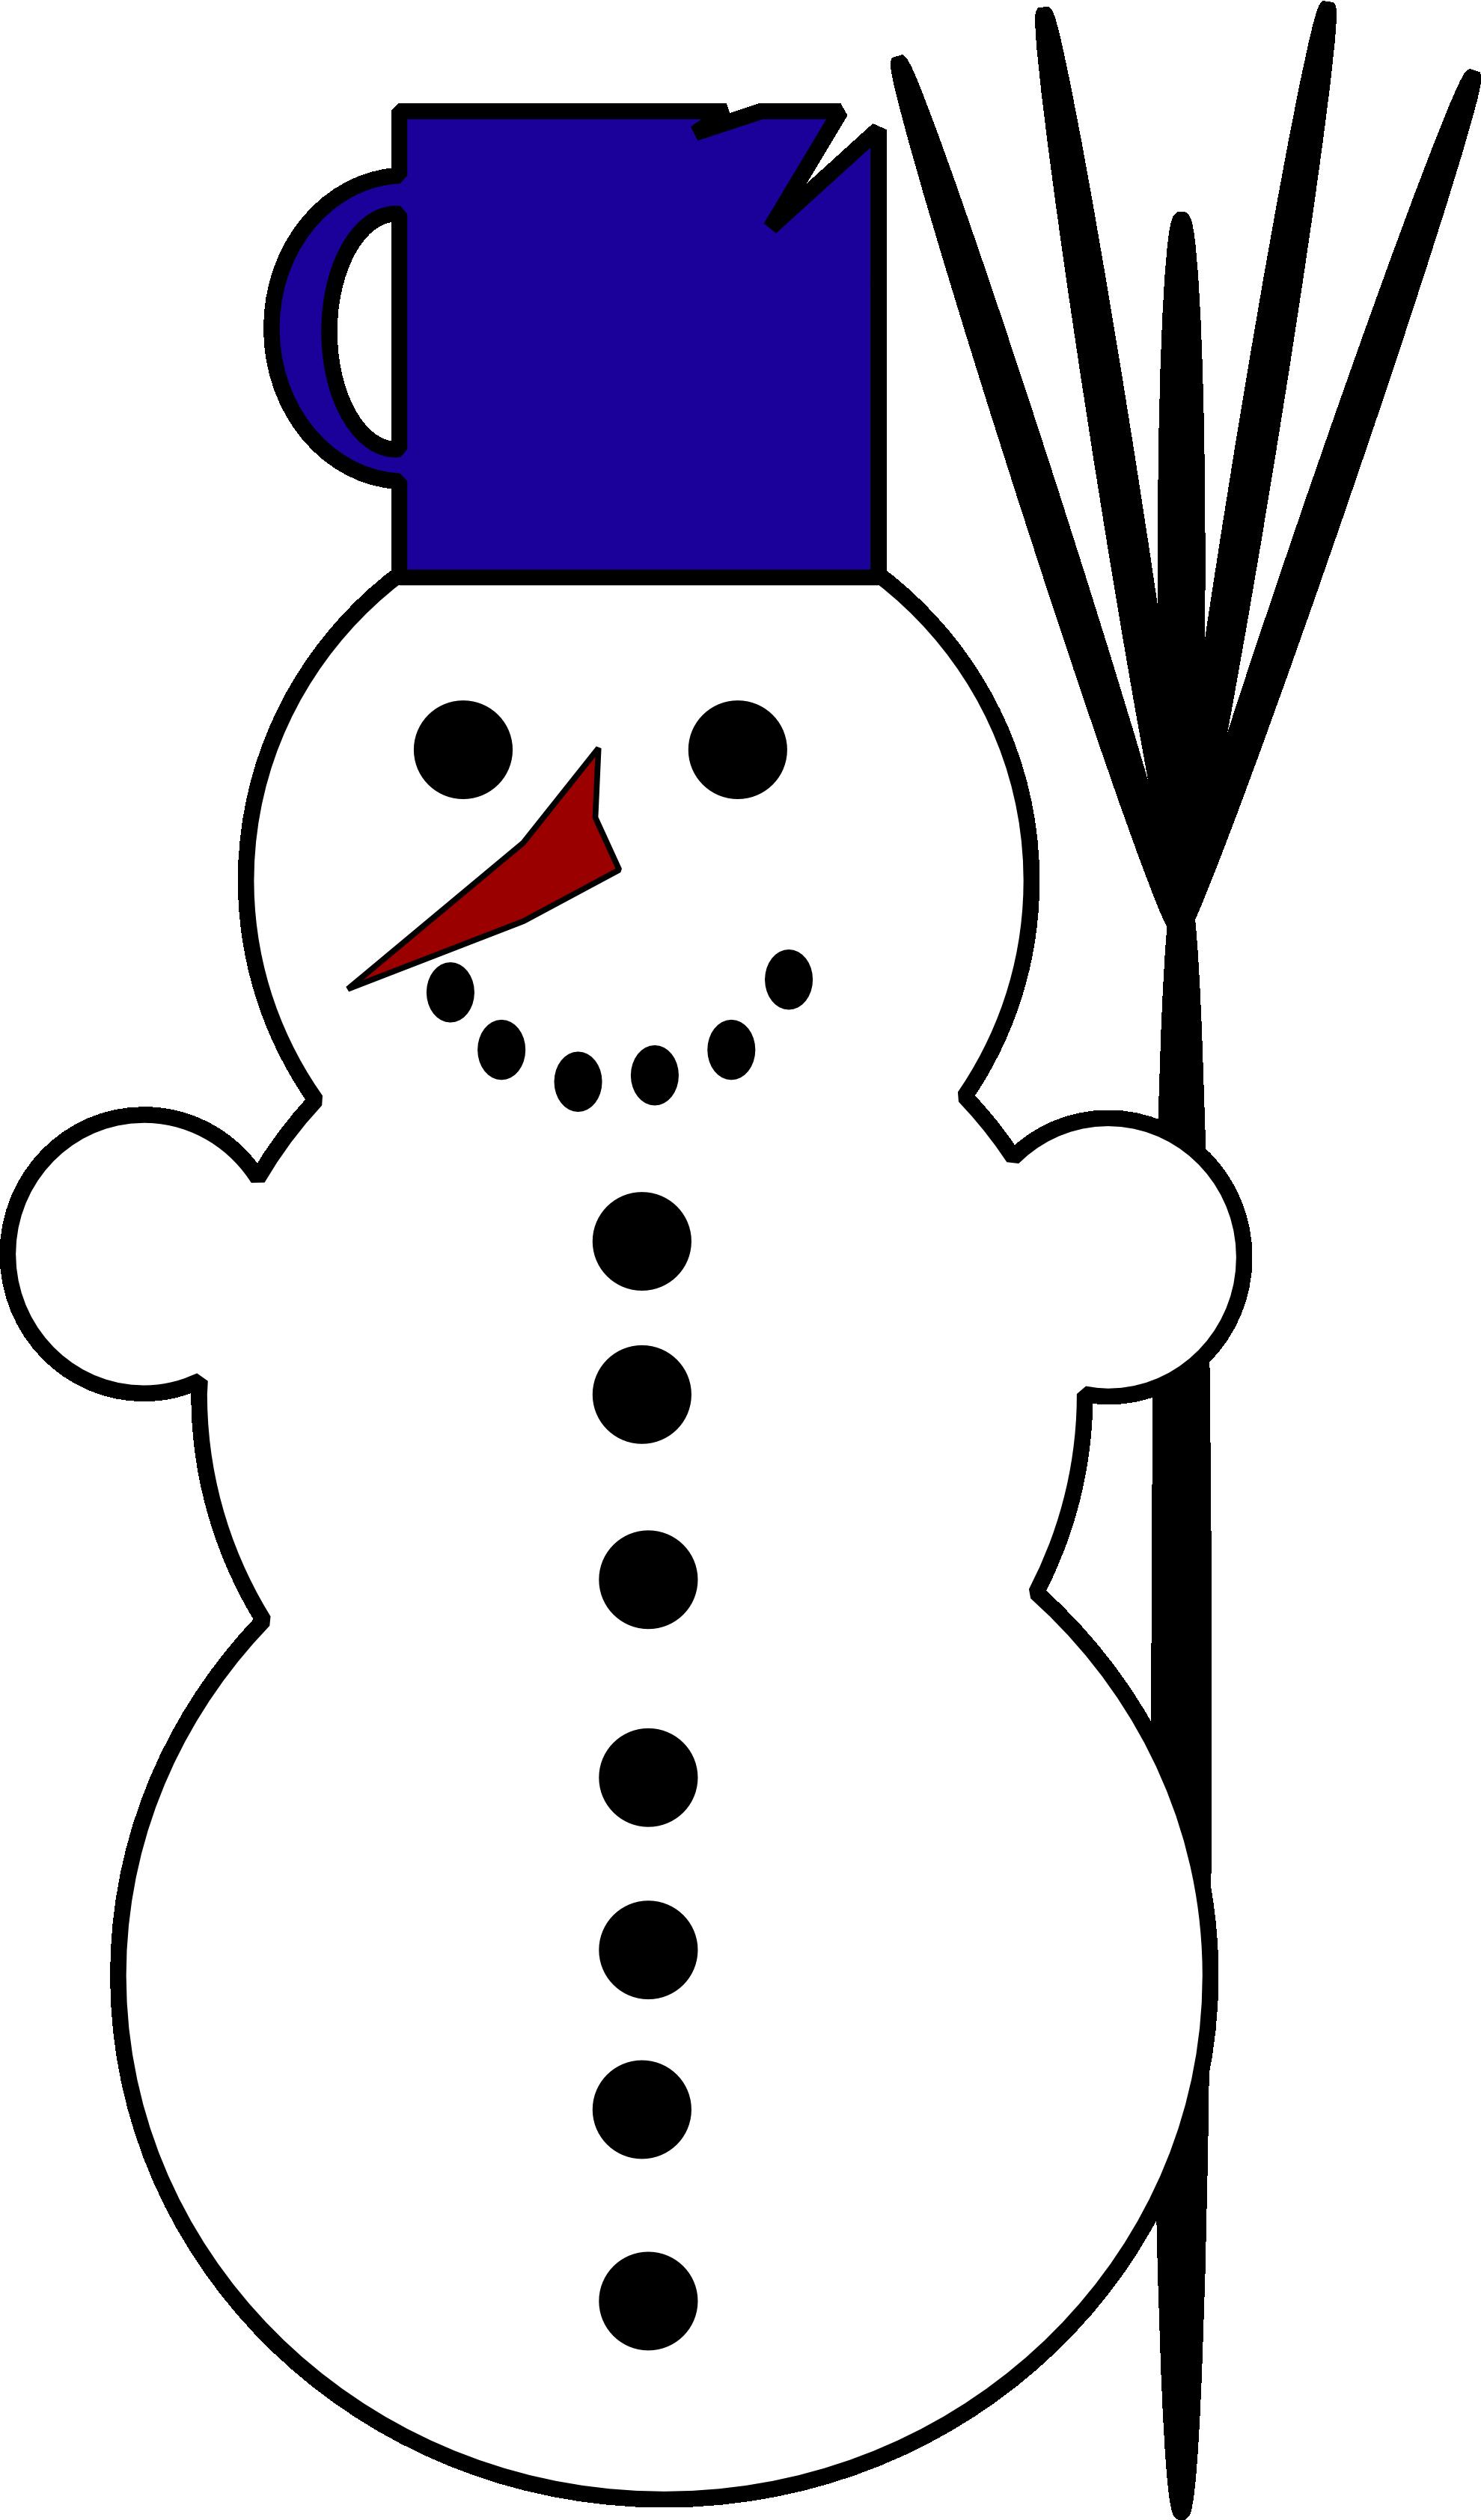 vintage snowman clipart - photo #15